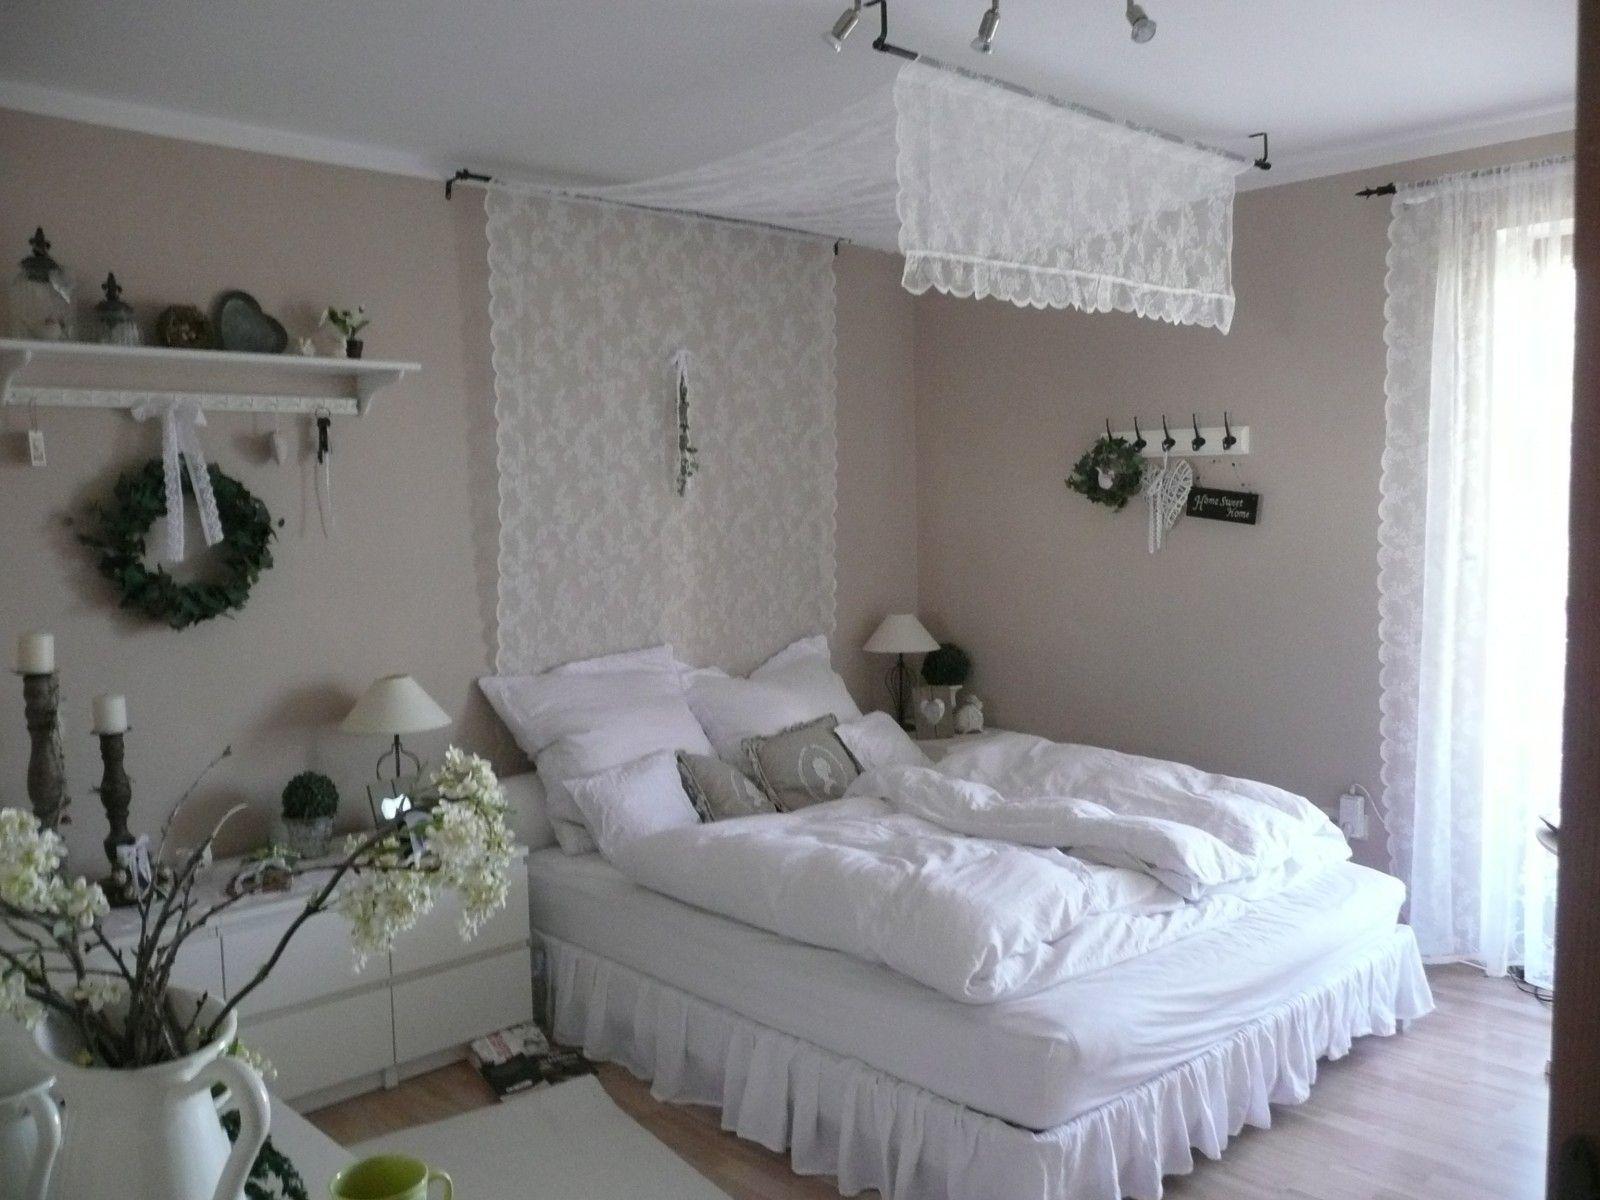 Schlafzimmer 39 schlafzimmer aktuell 39 ideen rund ums haus schlafzimmer schlafzimmer ideen und - Landhaus kinderzimmer ...